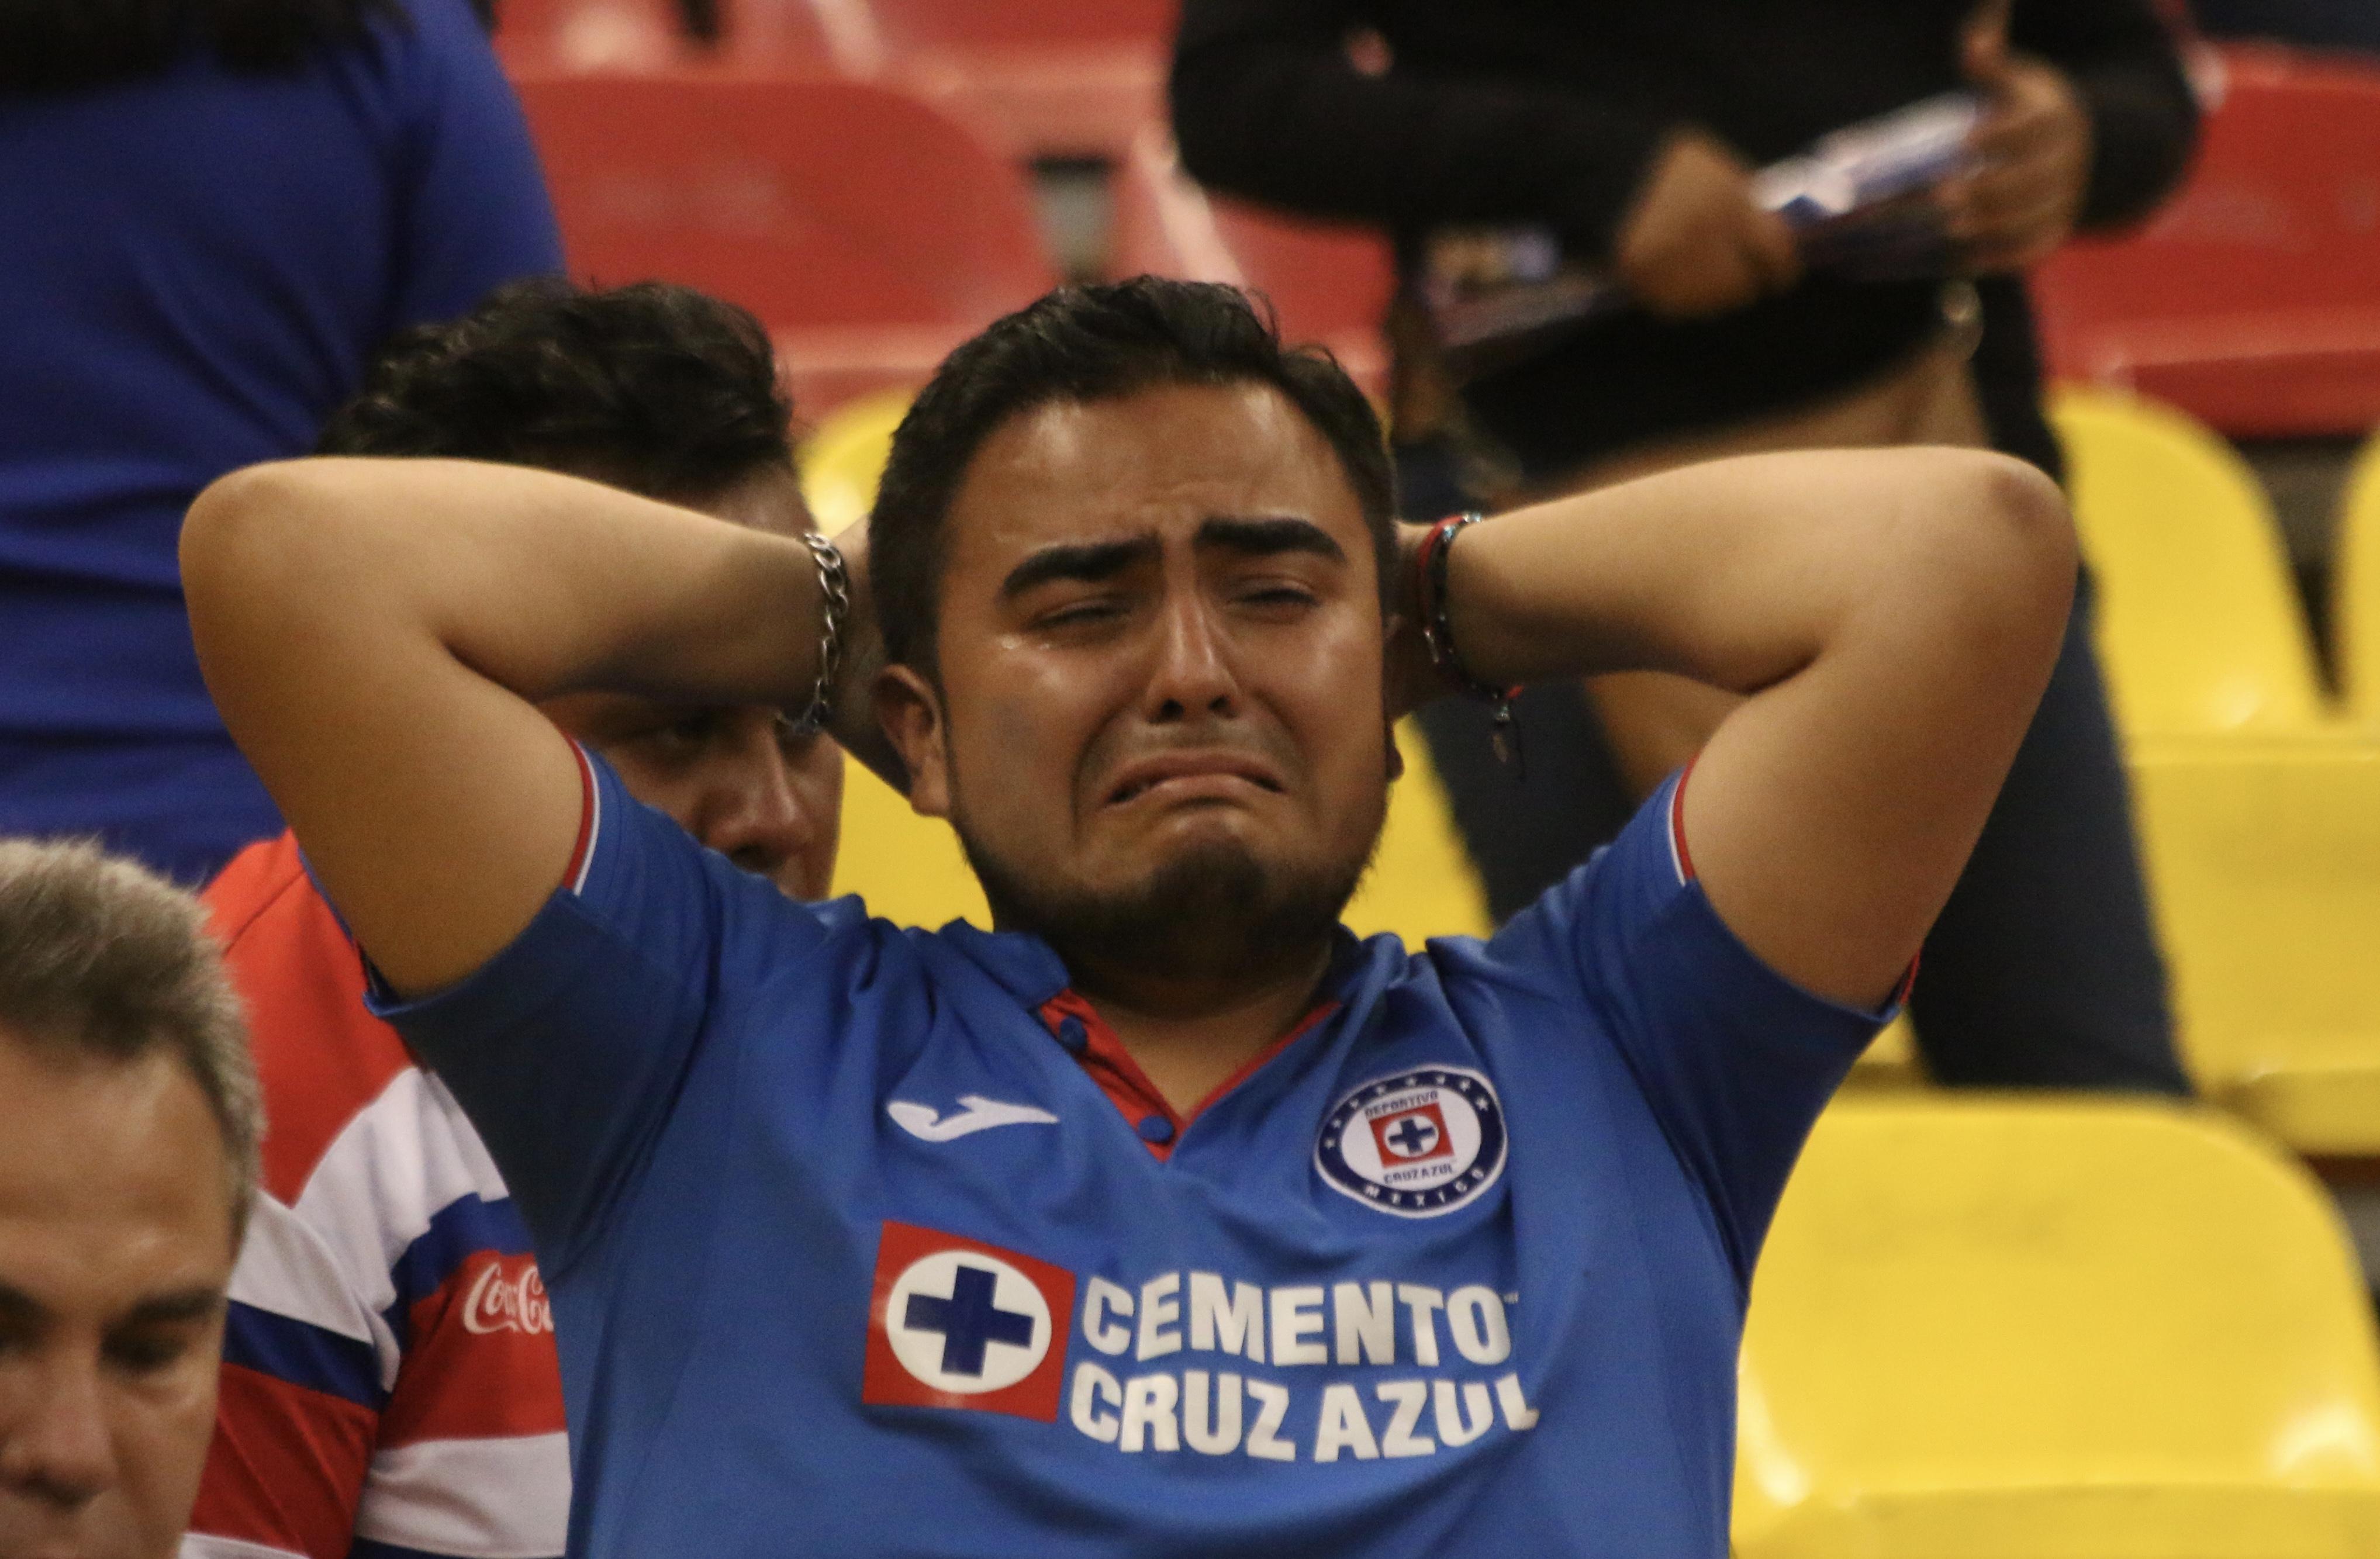 La maldición del Cruz Azul frente al América y más en los números de México y el mundo